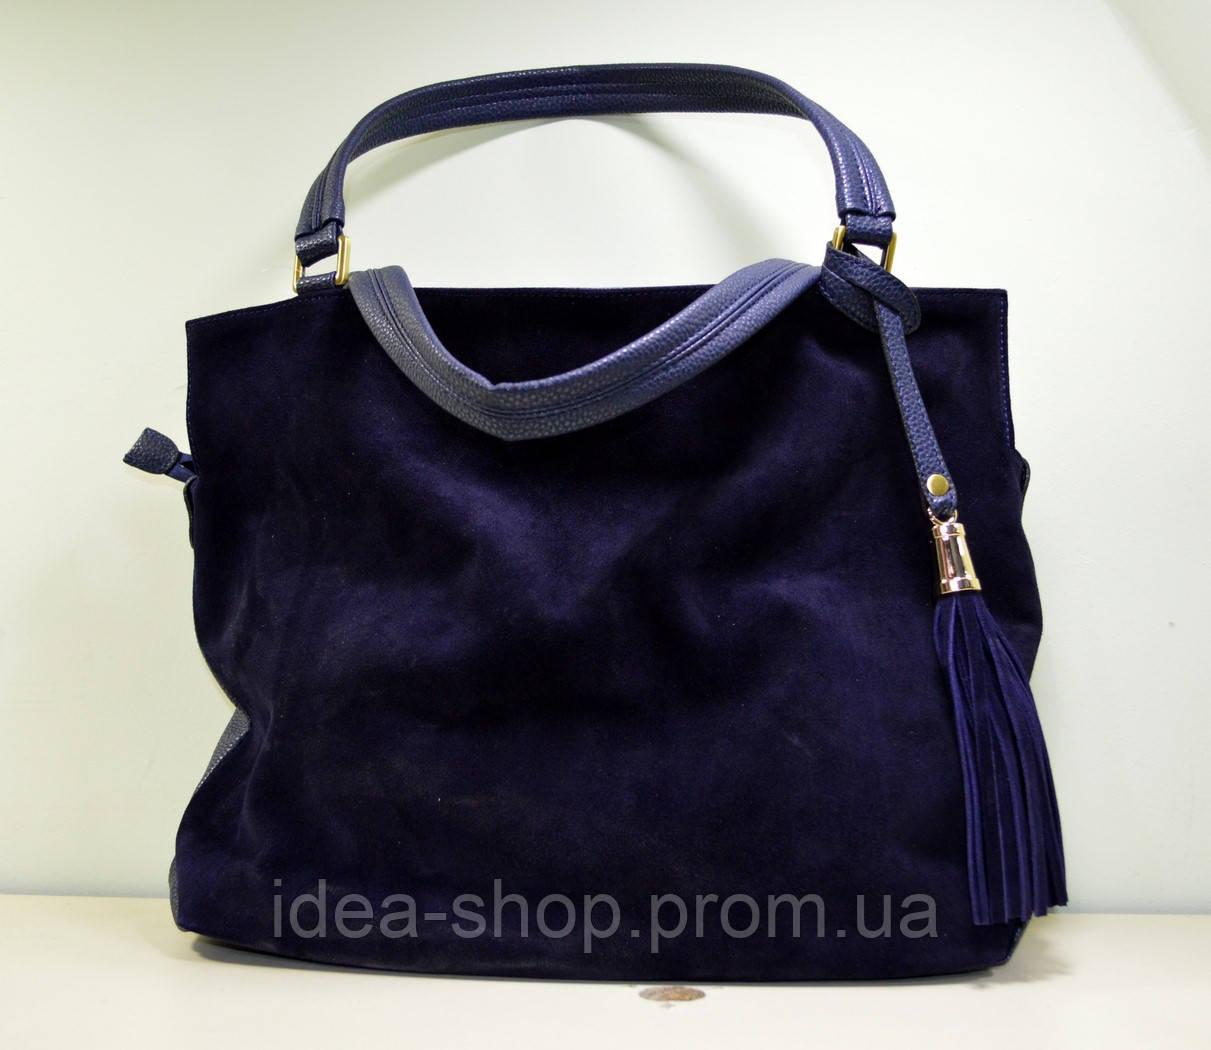 b41e26b1010a Большая синяя замшевая сумка через плечо. - интернет-магазин